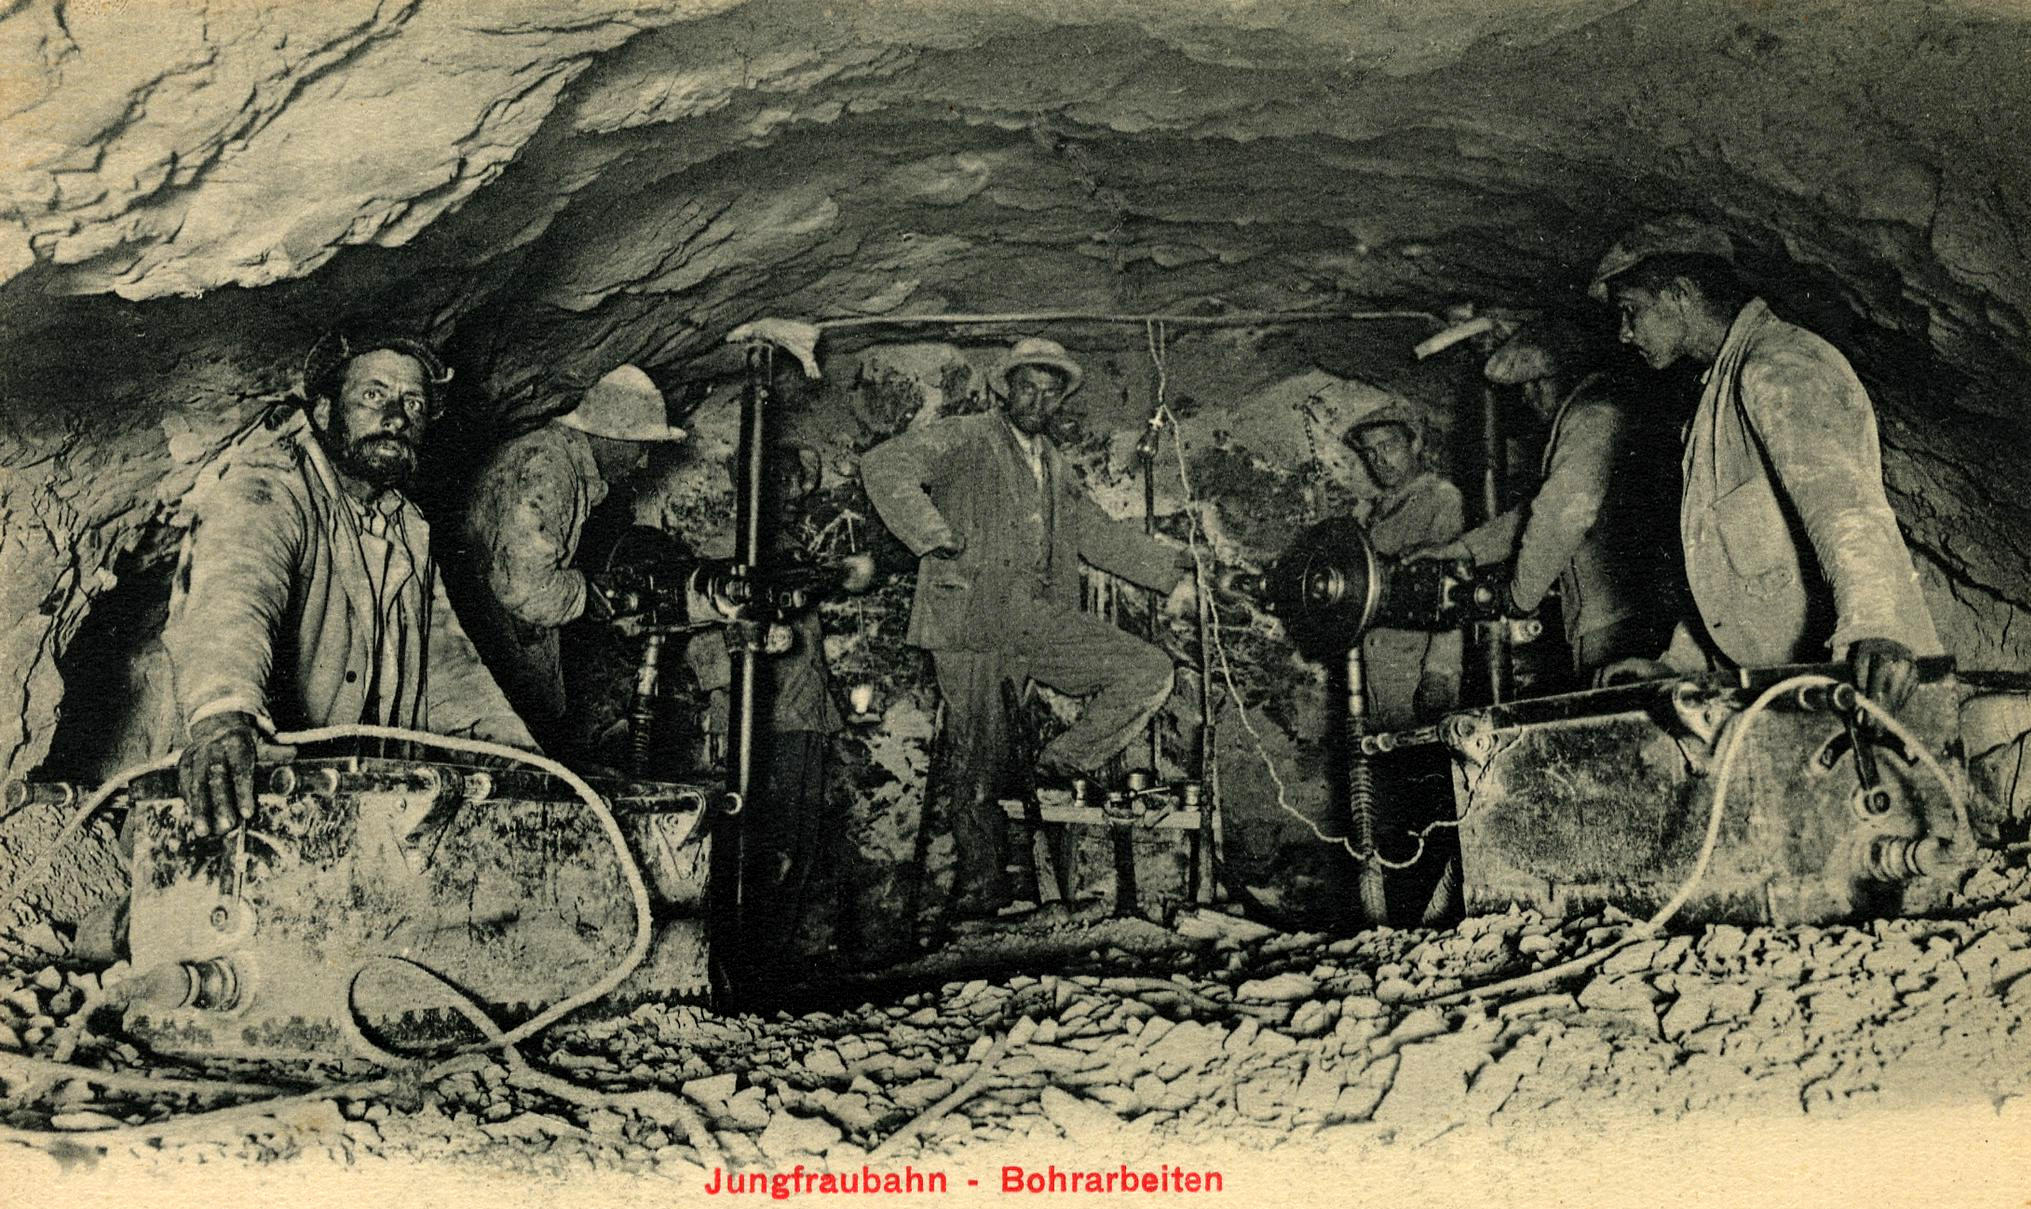 Jungfraubahn Bohrarbeiten um 1900 (01).jpg